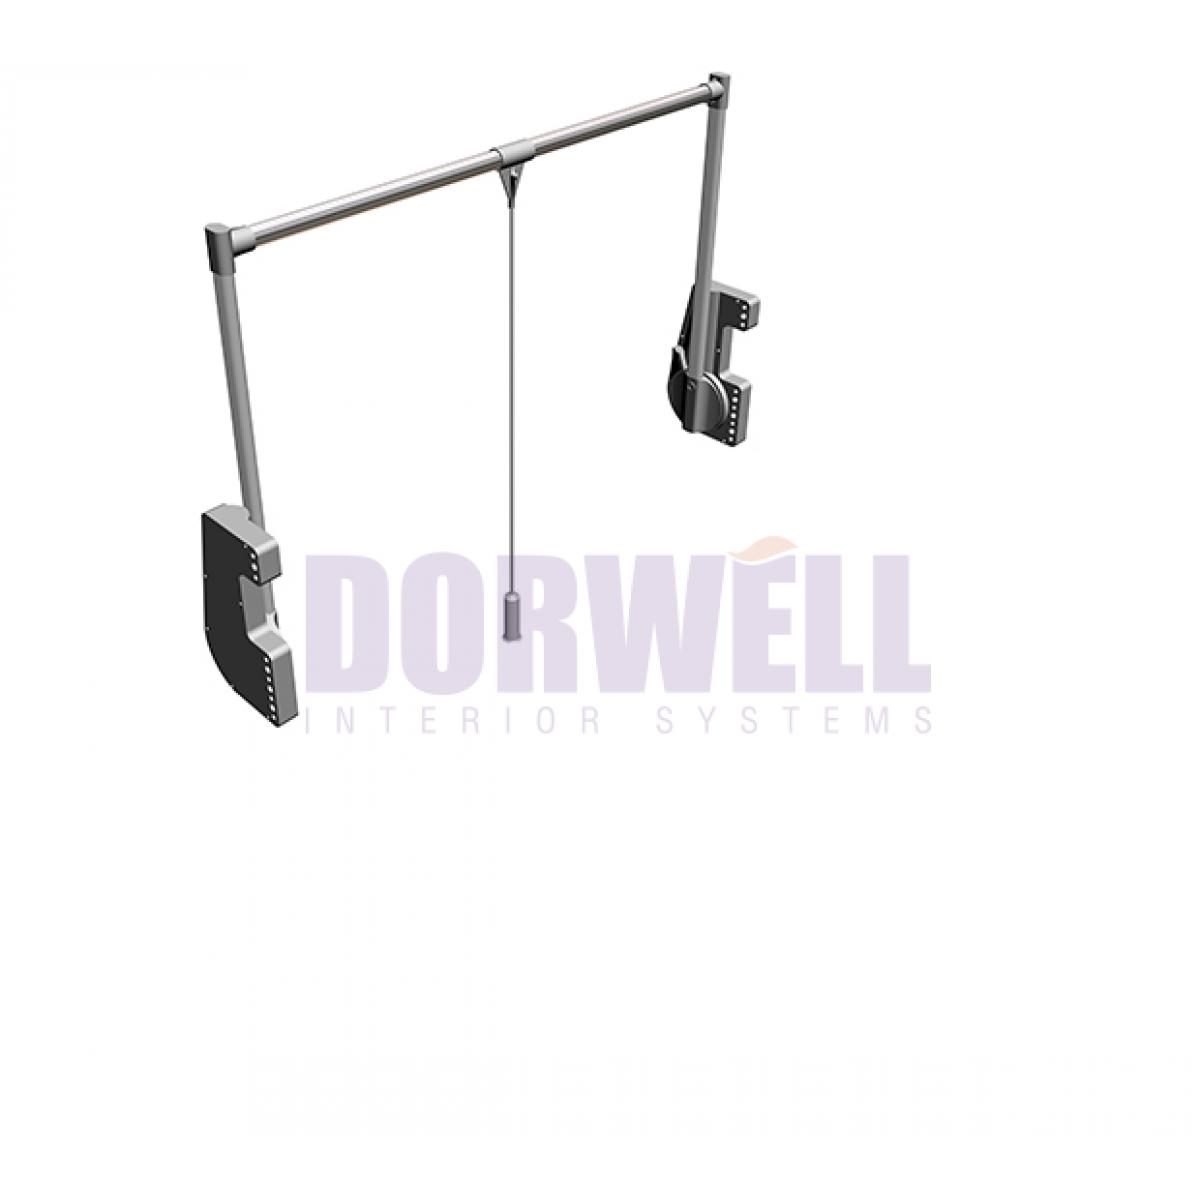 пантограф мебельный Лифт для одежды (пантограф) Dorwell (аналог копия Ambos-700) Китай